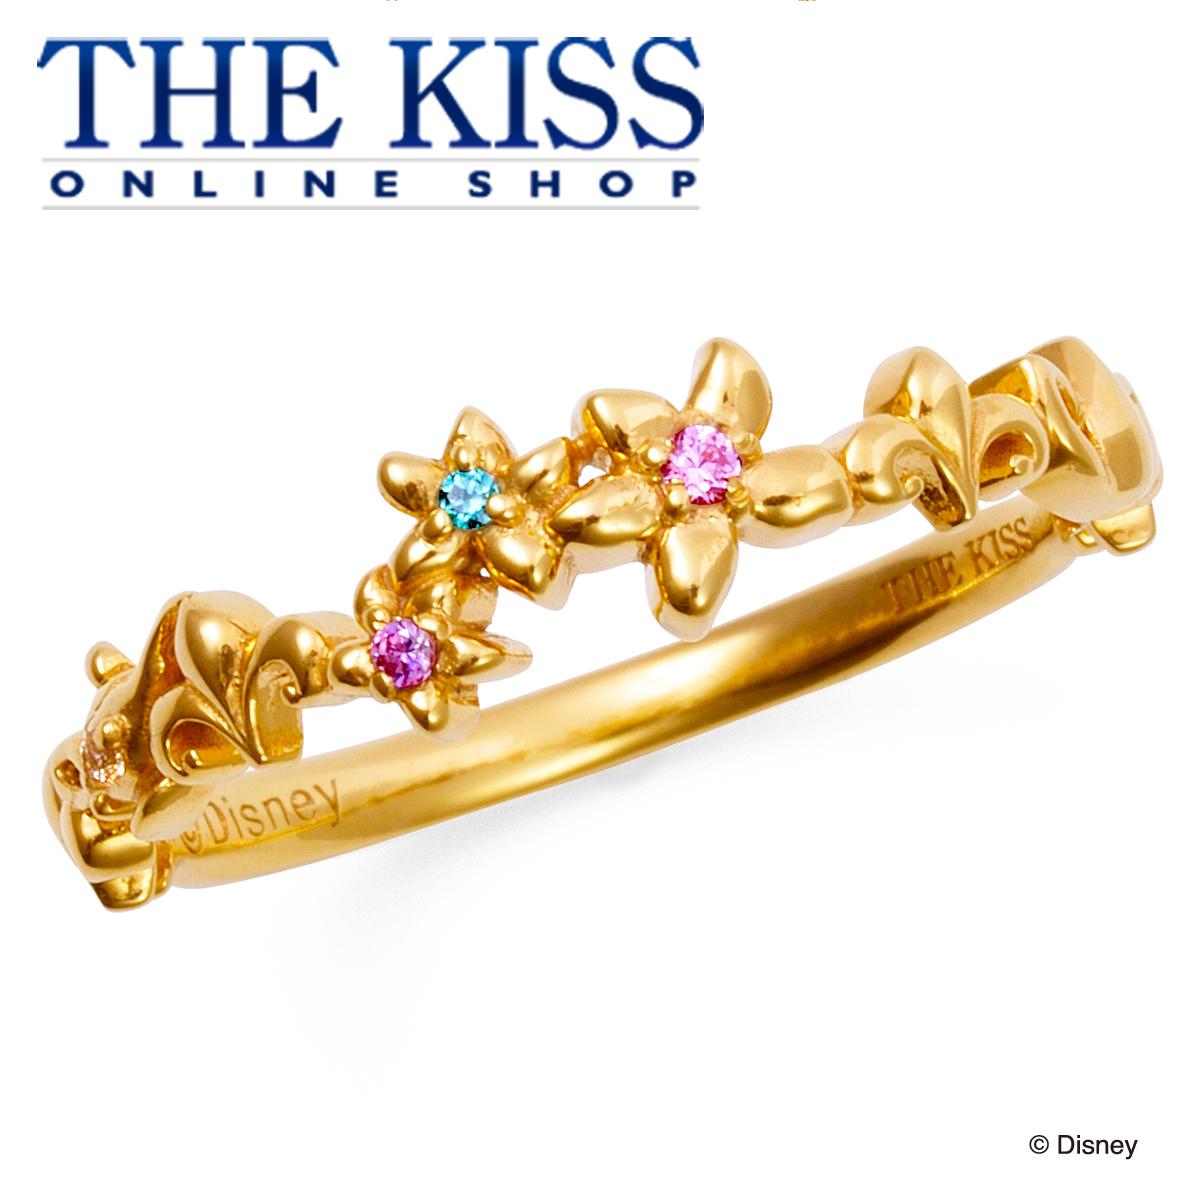 【あす楽対応】【ディズニーコレクション】 ディズニー / レディースリング / ディズニープリンセス ジャスミン / THE KISS リング・指輪 シルバー キュービックジルコニア (レディース) DI-SR2916CB ザキス 【送料無料】【Disneyzone】